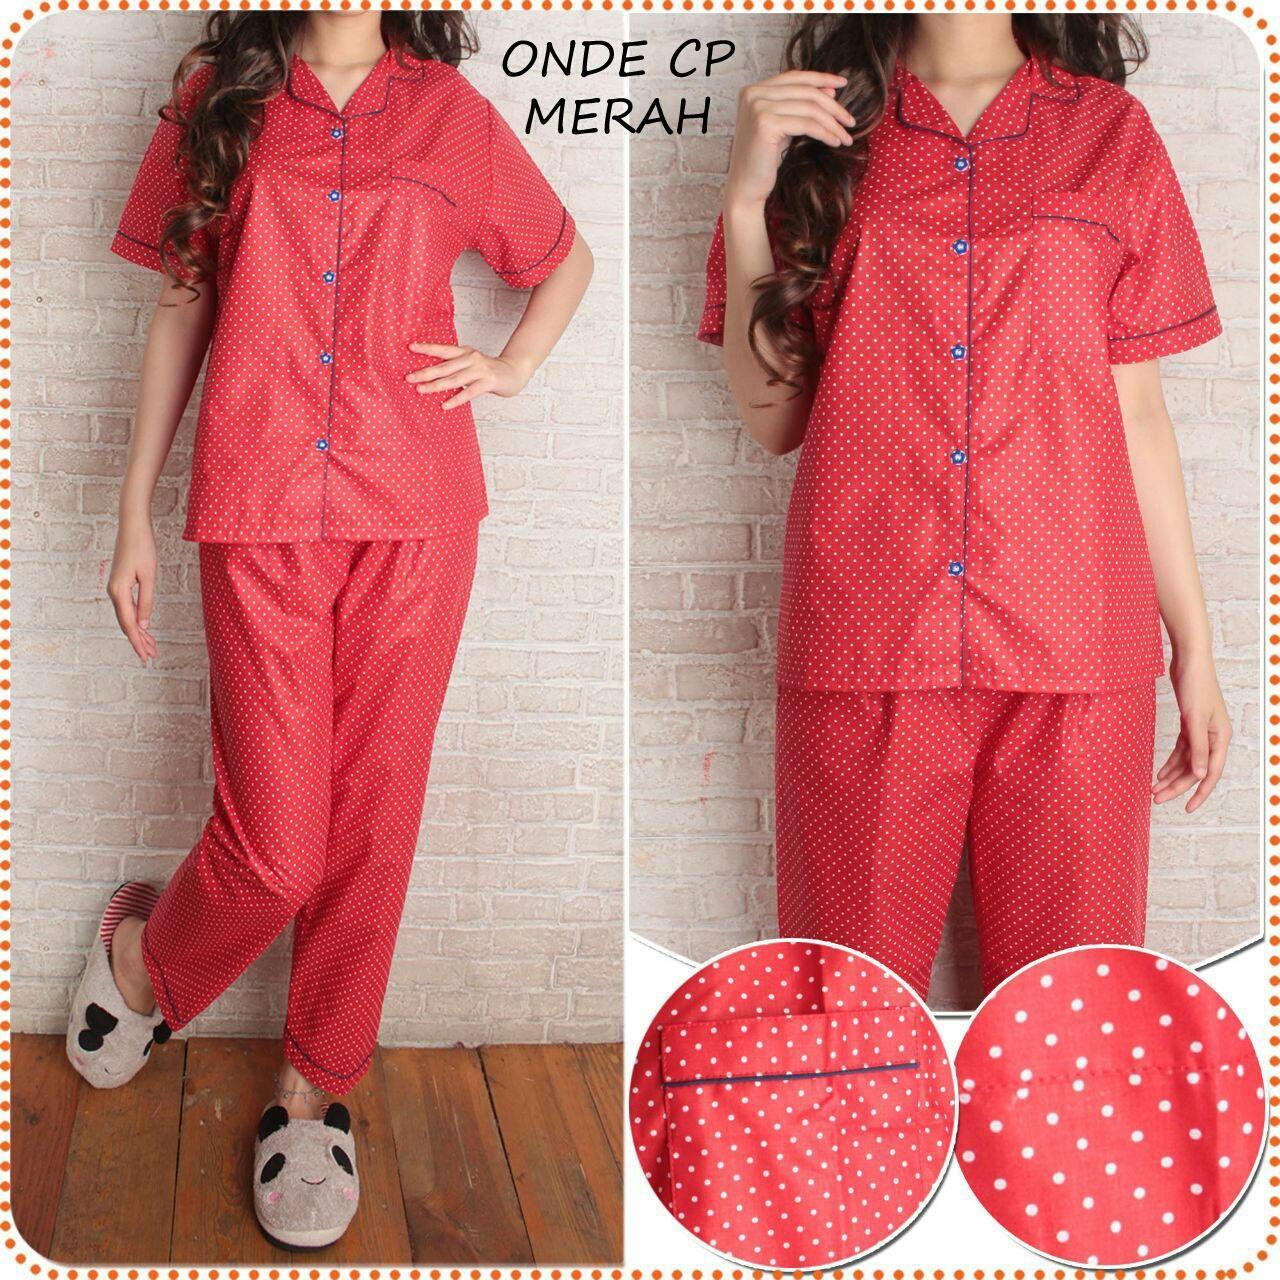 UC Baju tidur wanita Dewasa Lucu  Fashion Setelan Piyama Cewek Celana Panjang Pendek Daster (lkapo) SR – Merah Navy Hitam Pink Murah